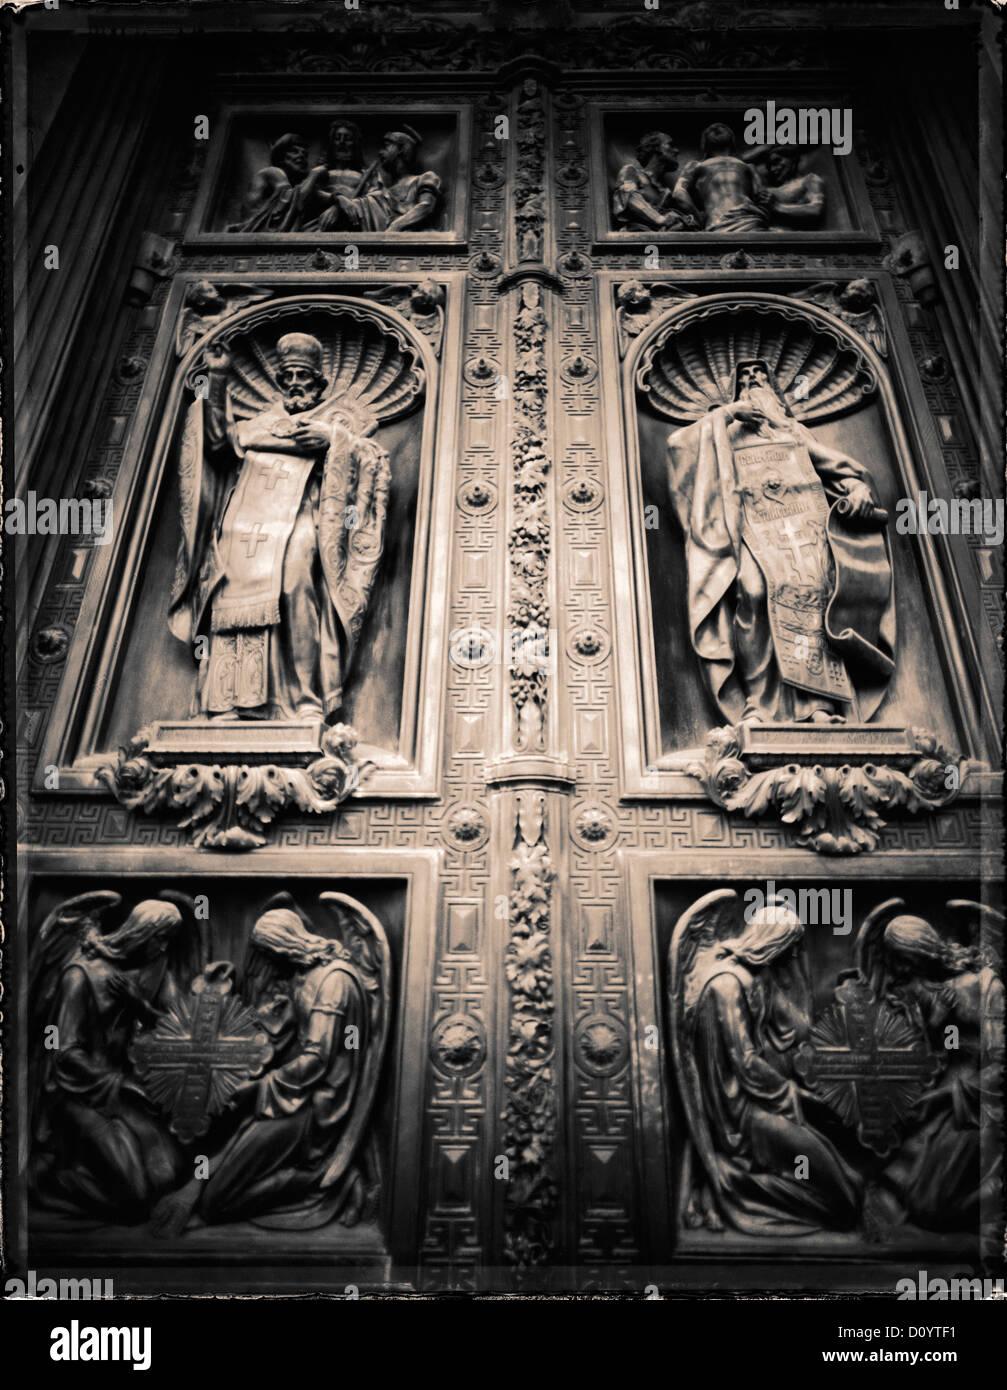 Iglesia Ortodoxa Rusa relieves en las puertas de bronce de la Catedral de San Isaac en San Petersburgo, Rusia. Imagen De Stock